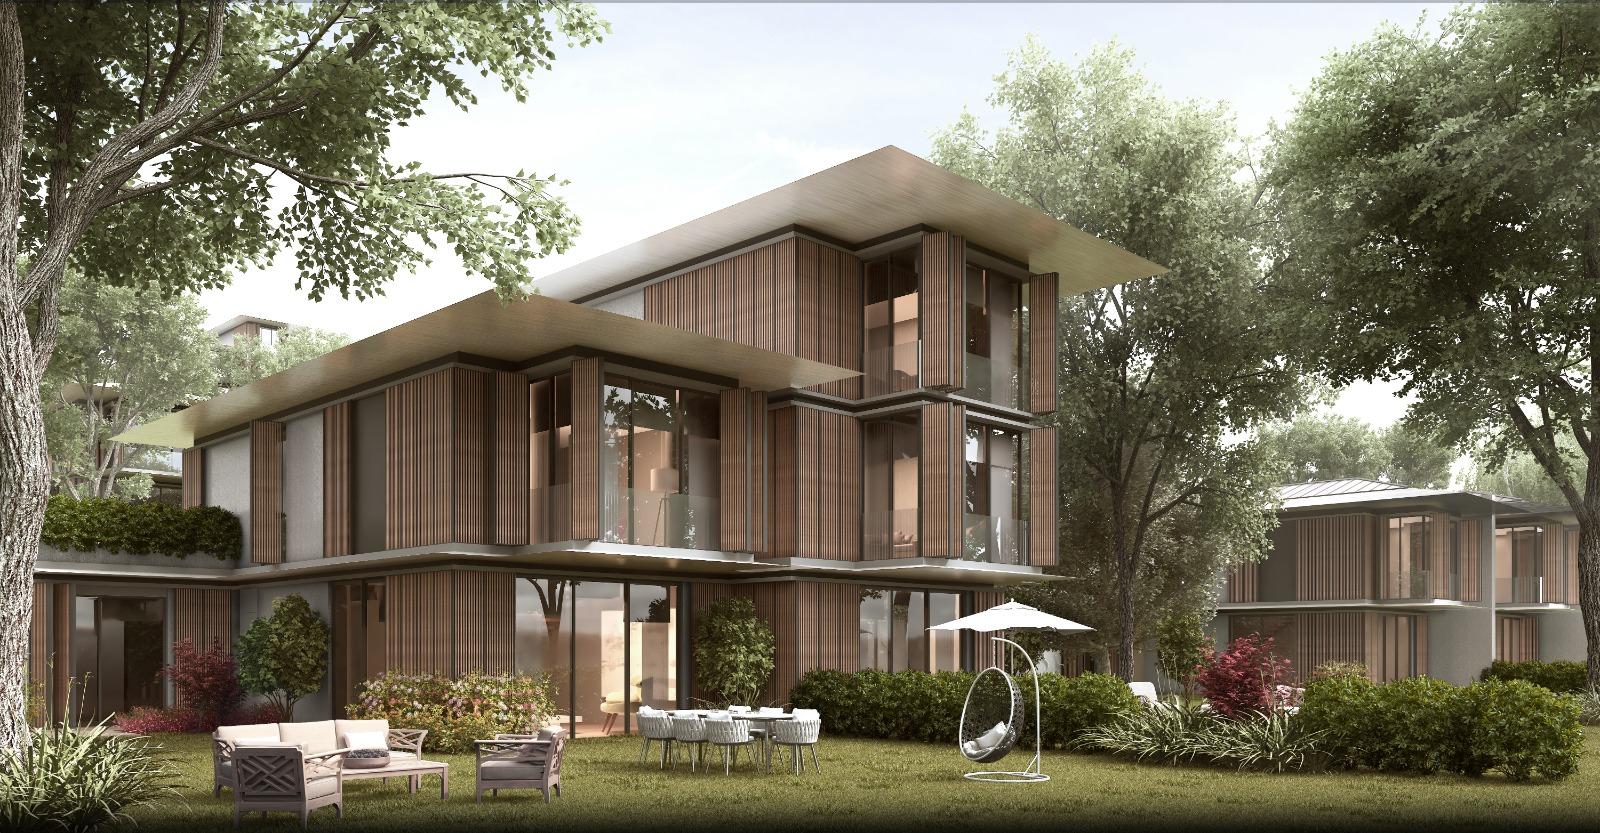 Эксклюзивный проект-комплекс вилл в Бейкоз - Фото 35